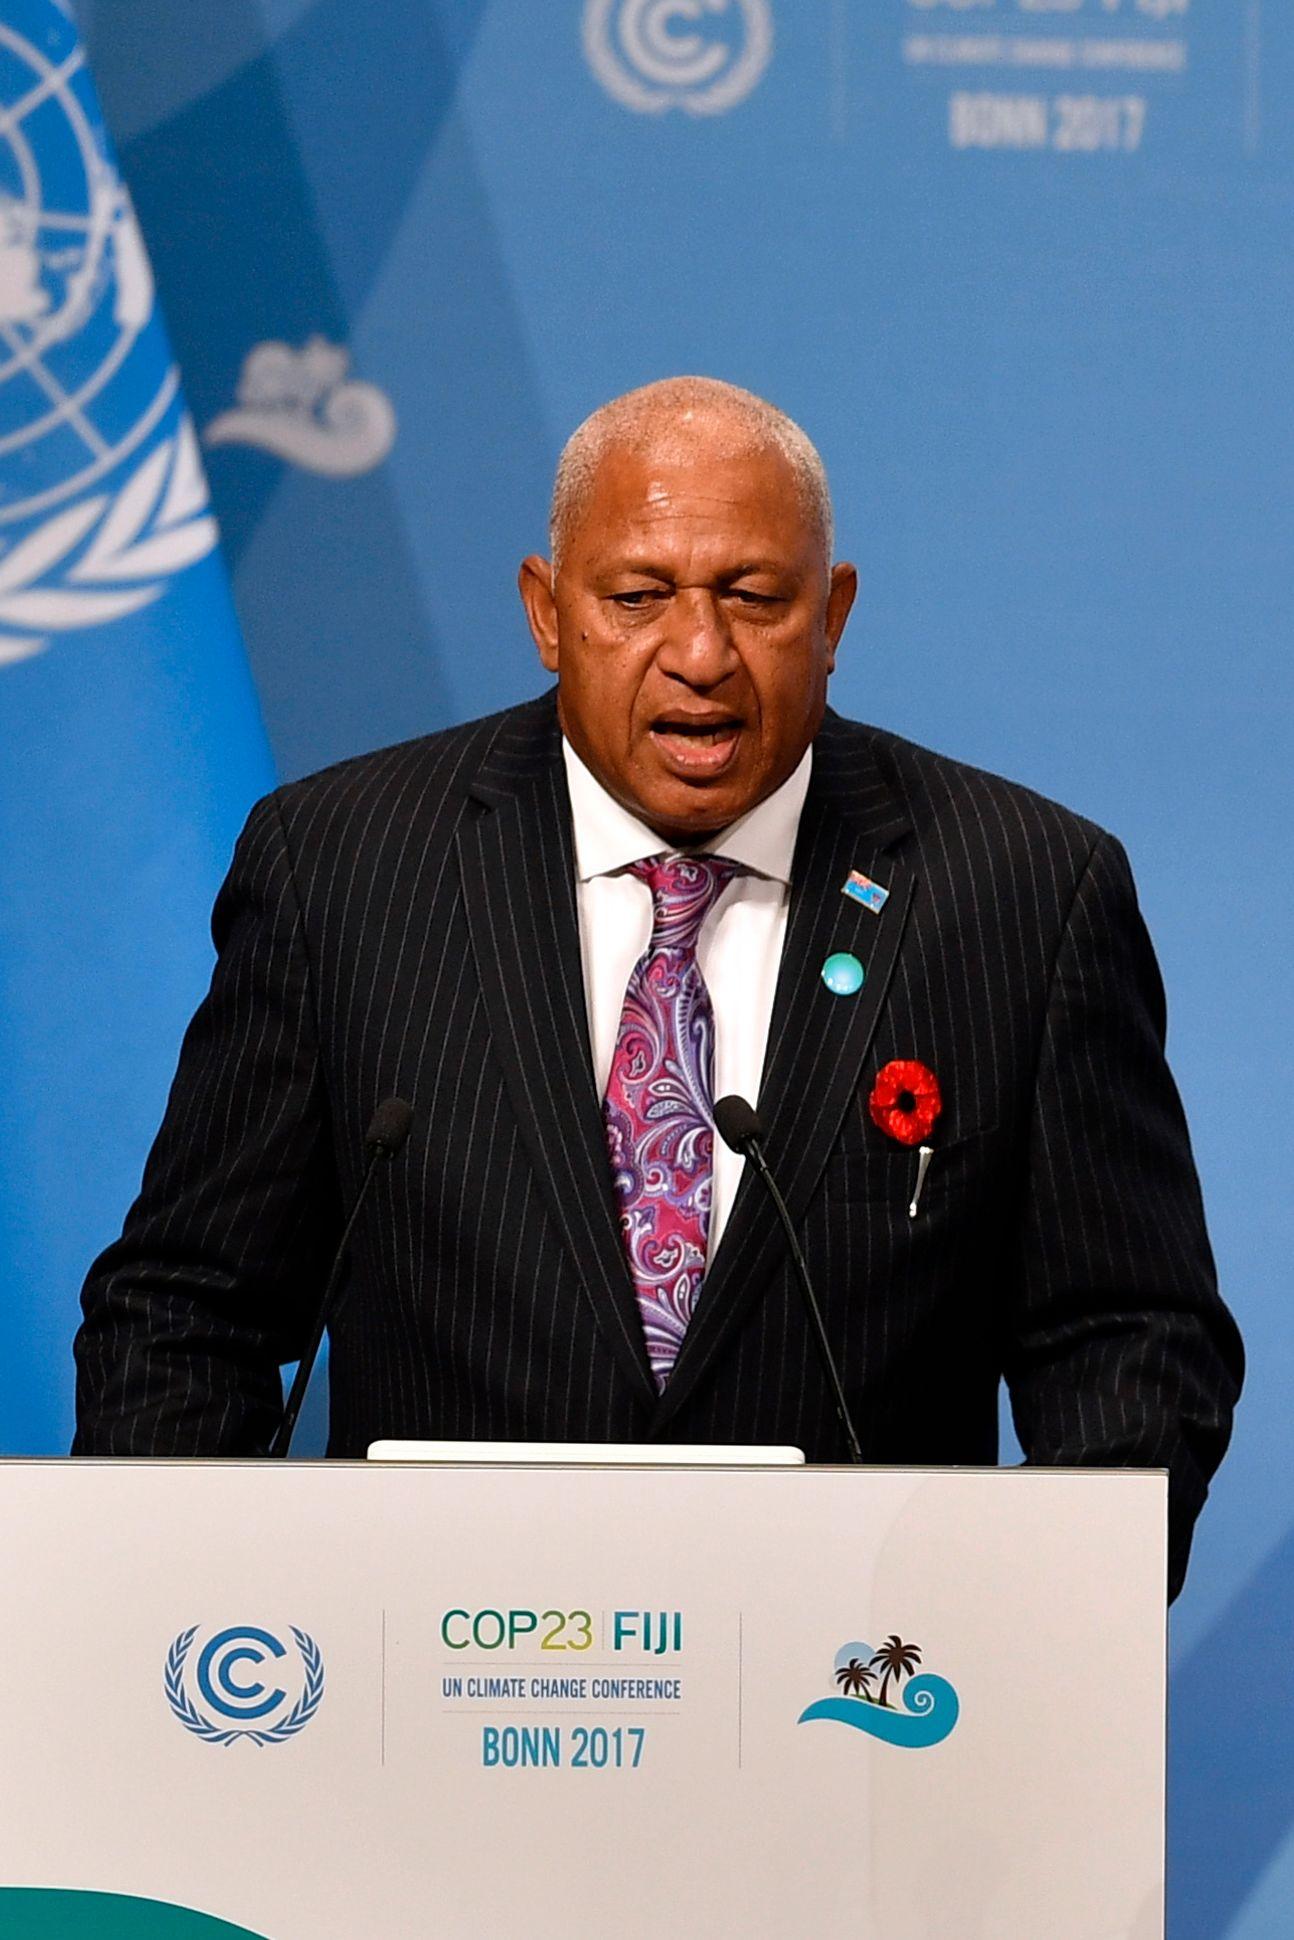 «VI VET ALLE HVA KULL GJØR»: Fijis statsminister Frank Bainimarama leder klimakonferansen i Bonn, som er den første konferansen etter at USA trakk seg fra Parisavtalen.